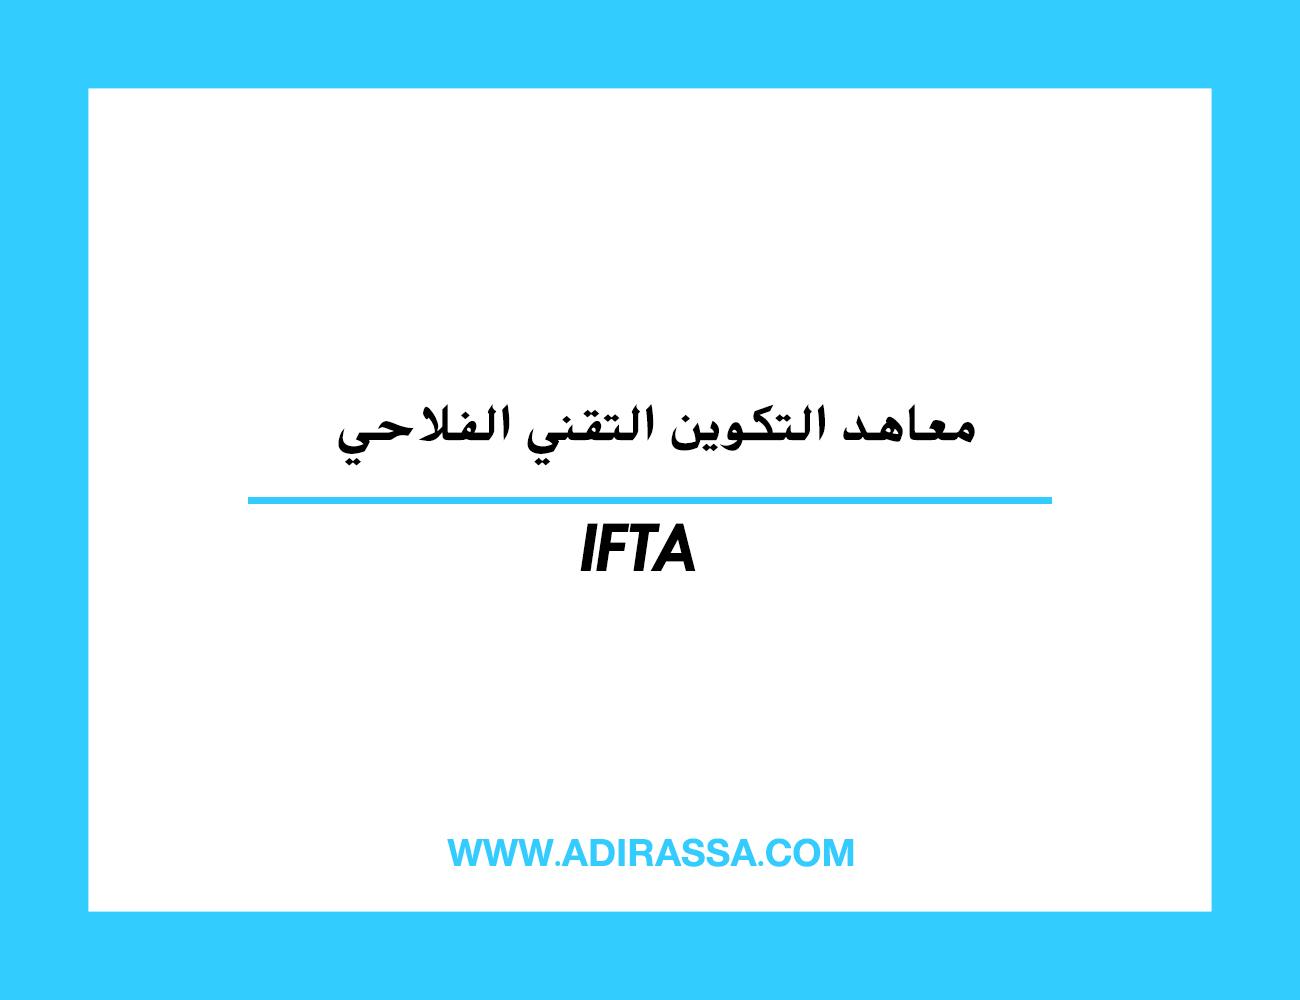 معاهد التكوين التقني الفلاحي IFTAالمتخصصة في عدة مدن مغربية